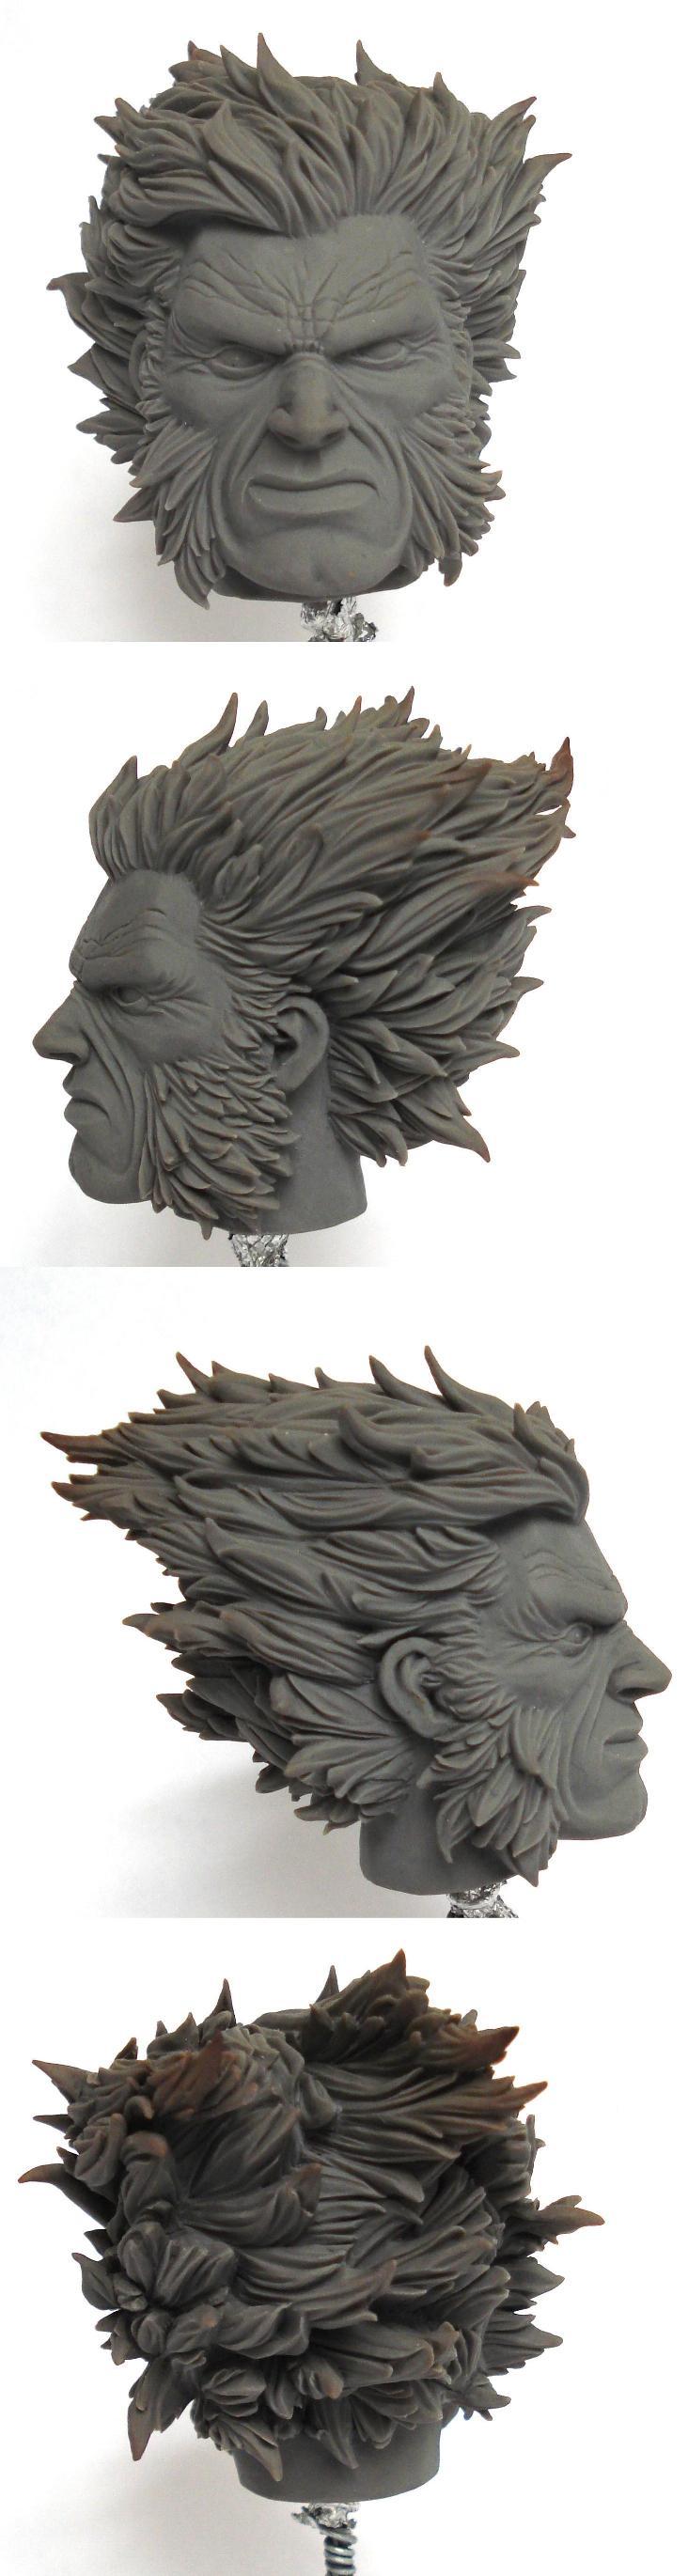 Scratchbuilt Wolverine's head